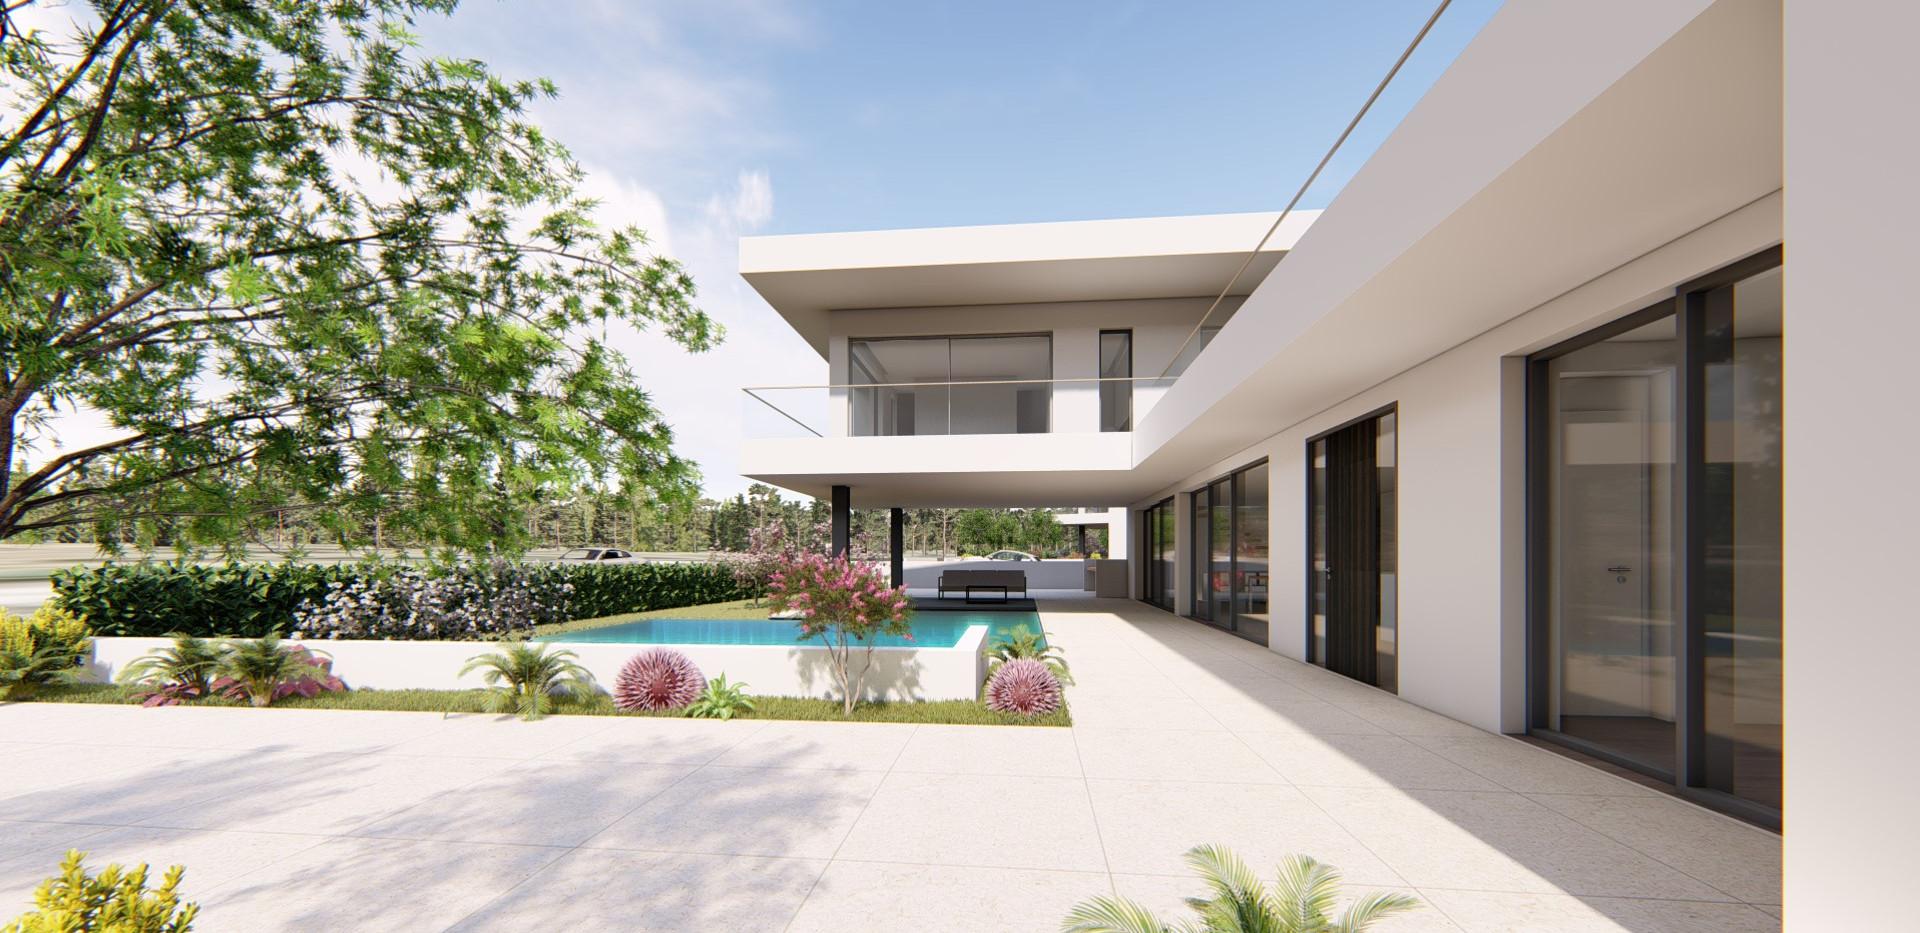 Moradia V3 Alcantarilha - Jardim e Espaço Exterior